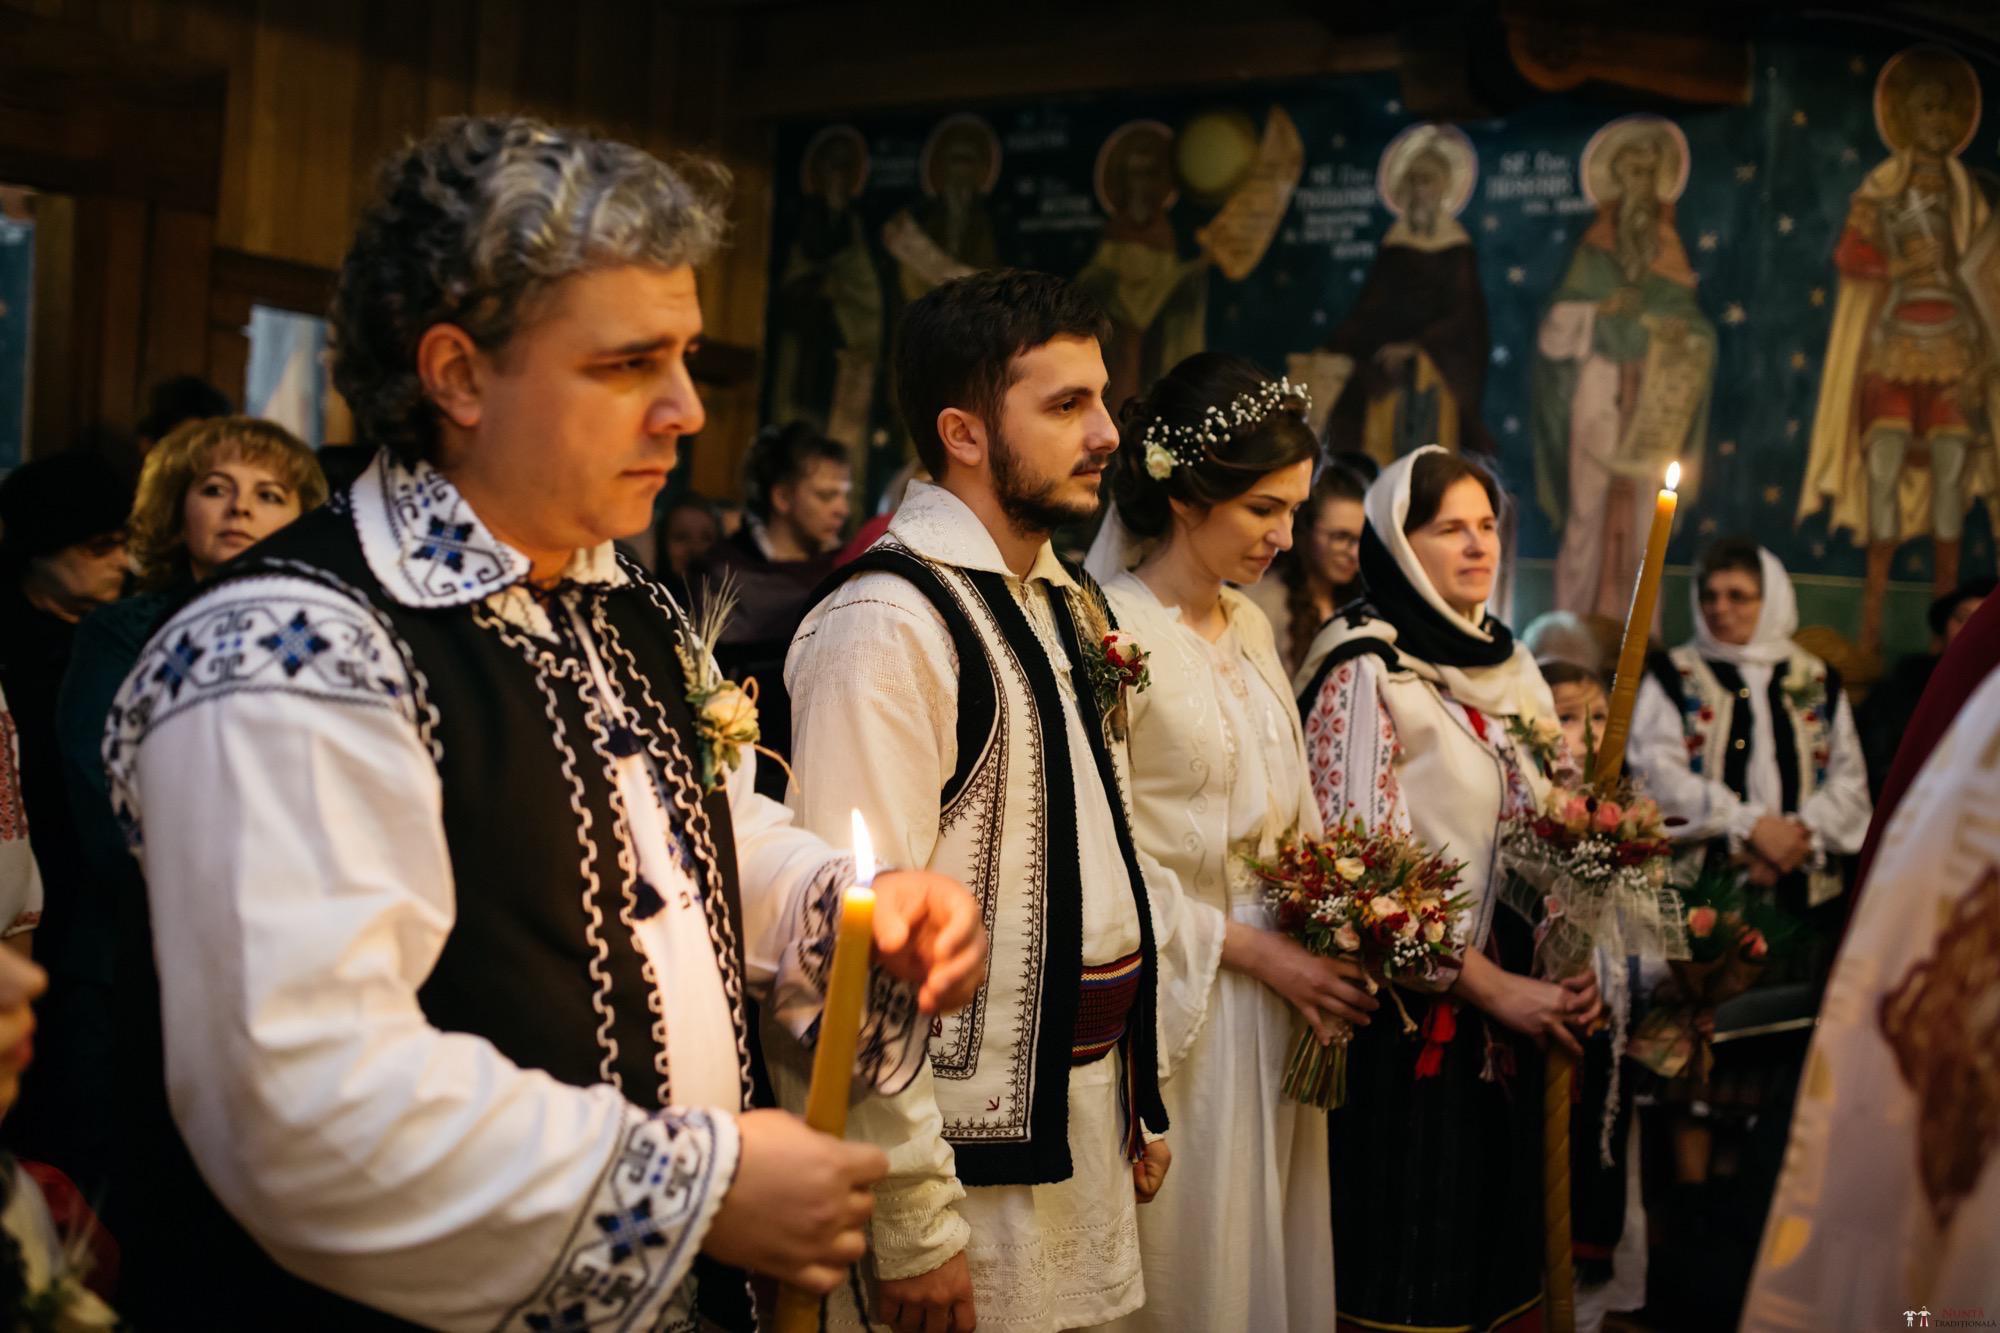 Povești Nunți Tradiționale - Gabriela și Adrian. Nuntă tradițională în Piatra Neamț 13